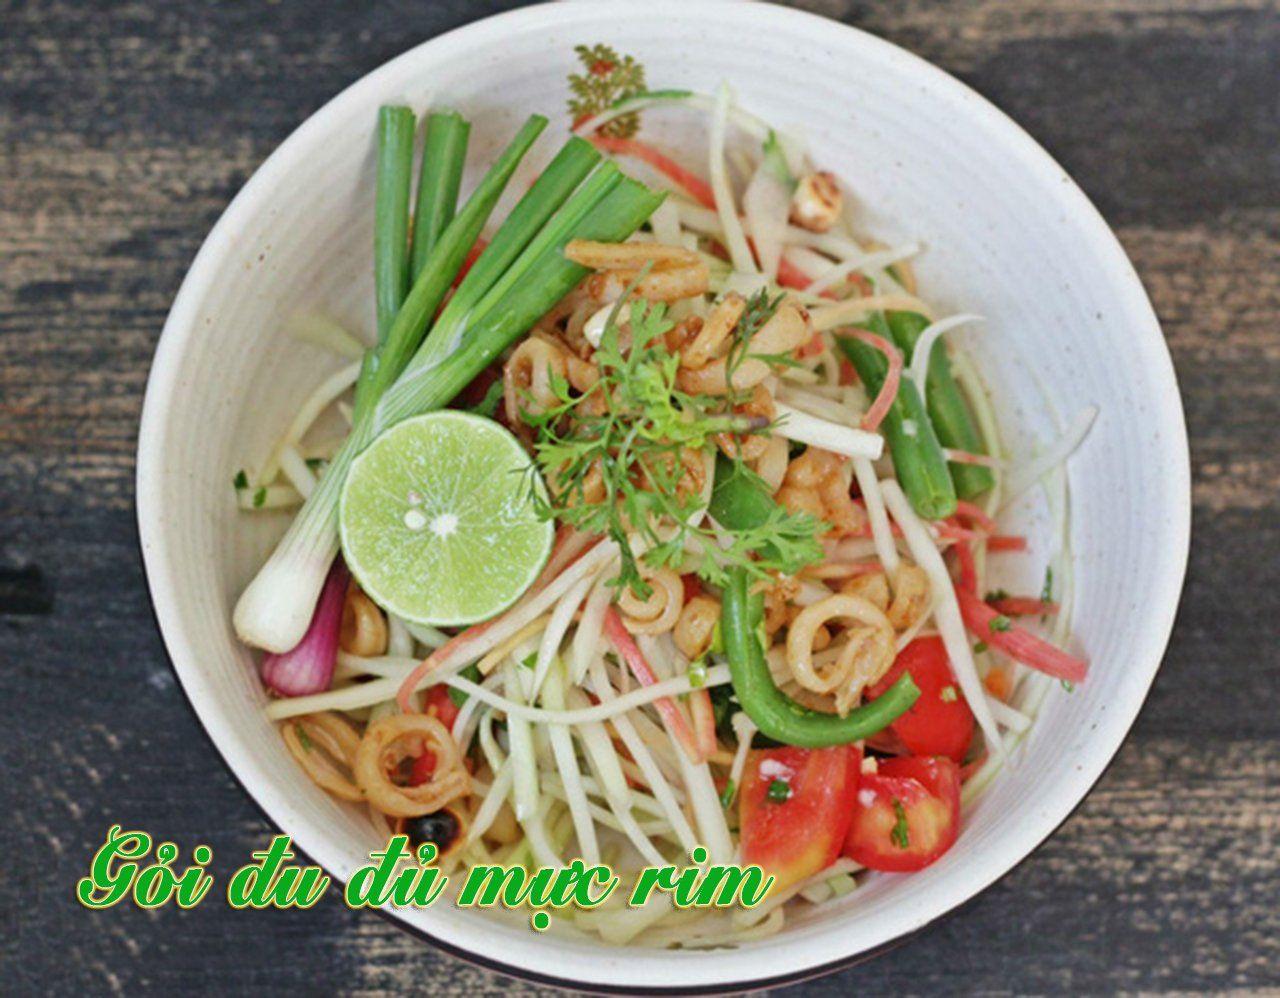 Cách làm món gỏi đu đủ mực rim chua giòn, ngon miệng - http://congthucmonngon.com/135902/cach-lam-mon-goi-du-du-muc-rim-chua-gion-ngon-mieng.html